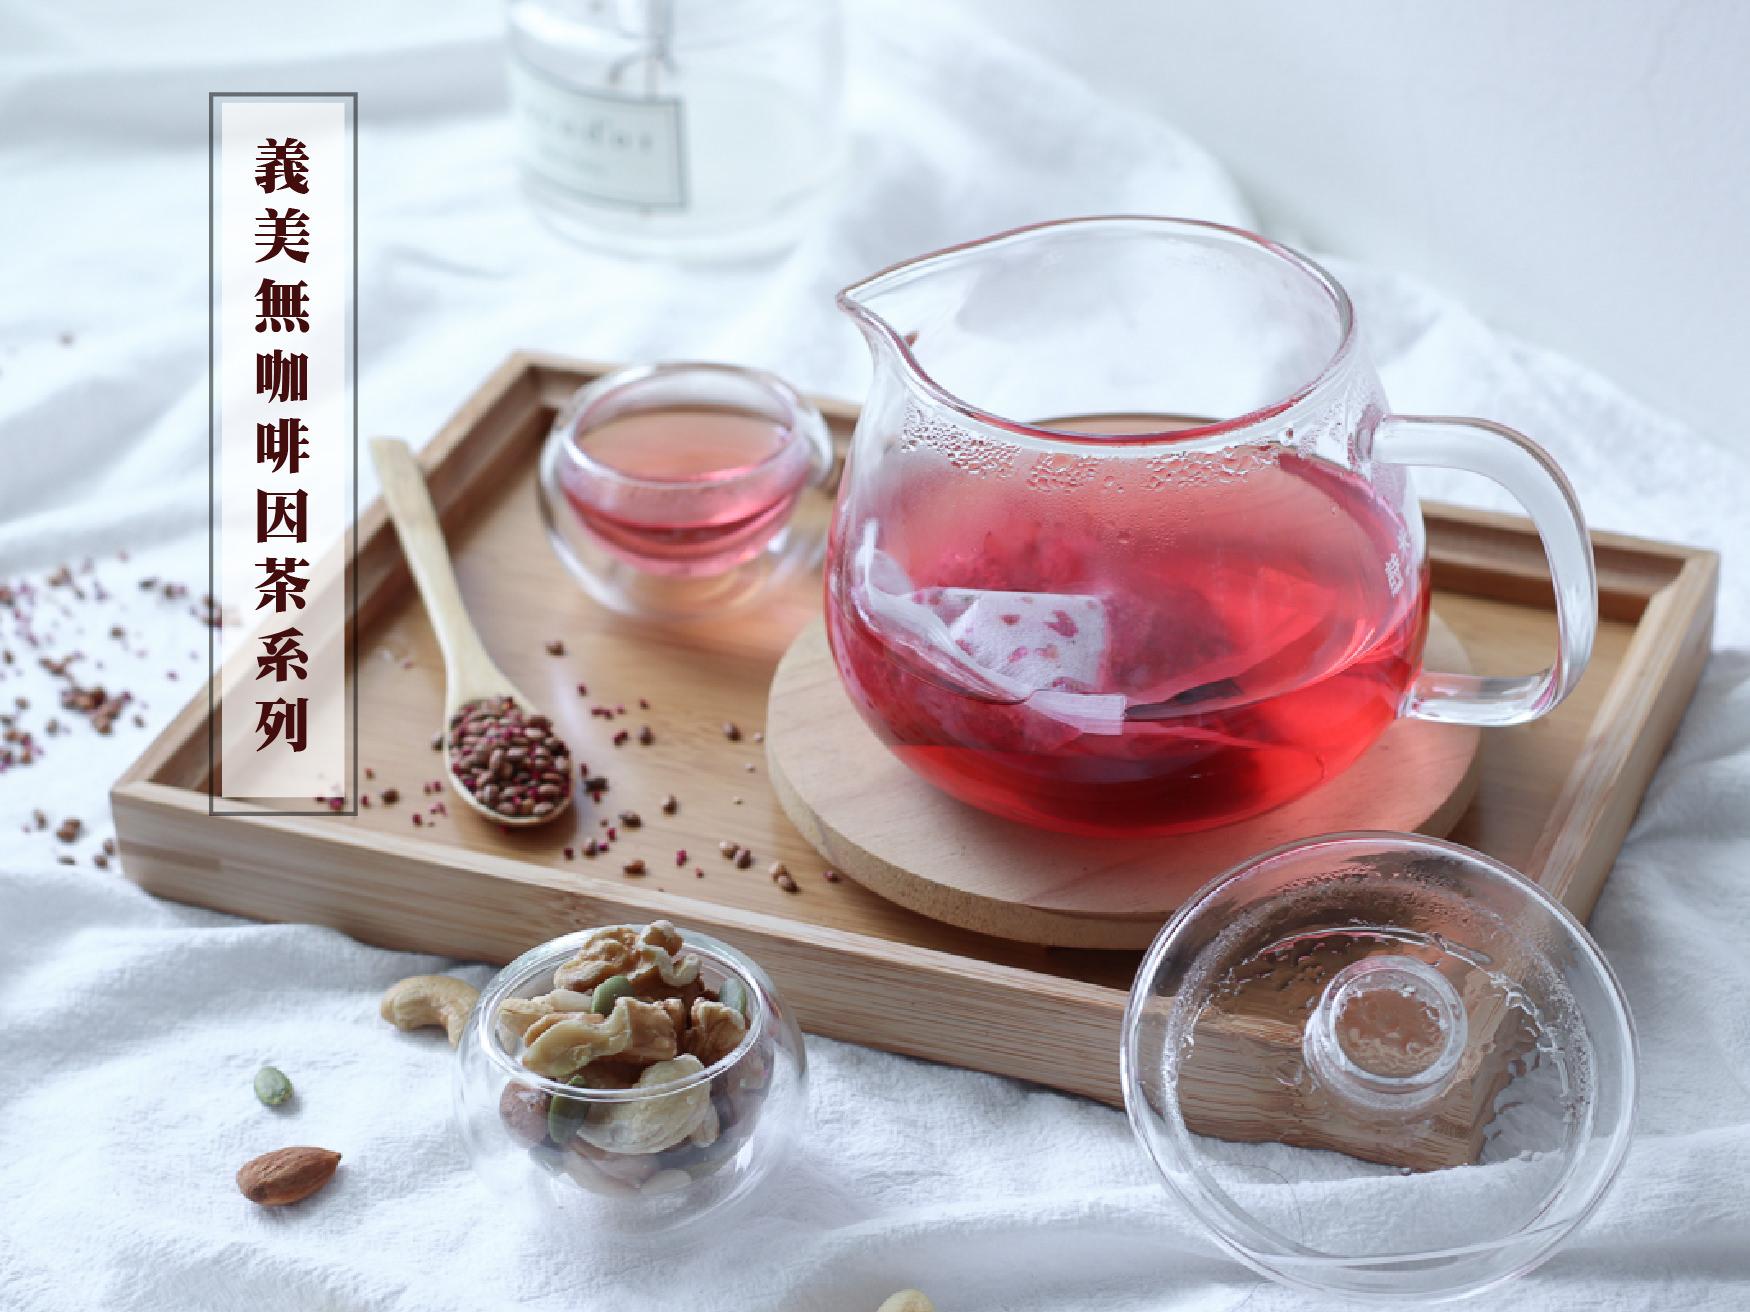 義美生機紅藜糙米茶、黑豆茶|健康、無咖啡因的飲料替代方案,冷熱皆可沖泡完還能入飯菜!